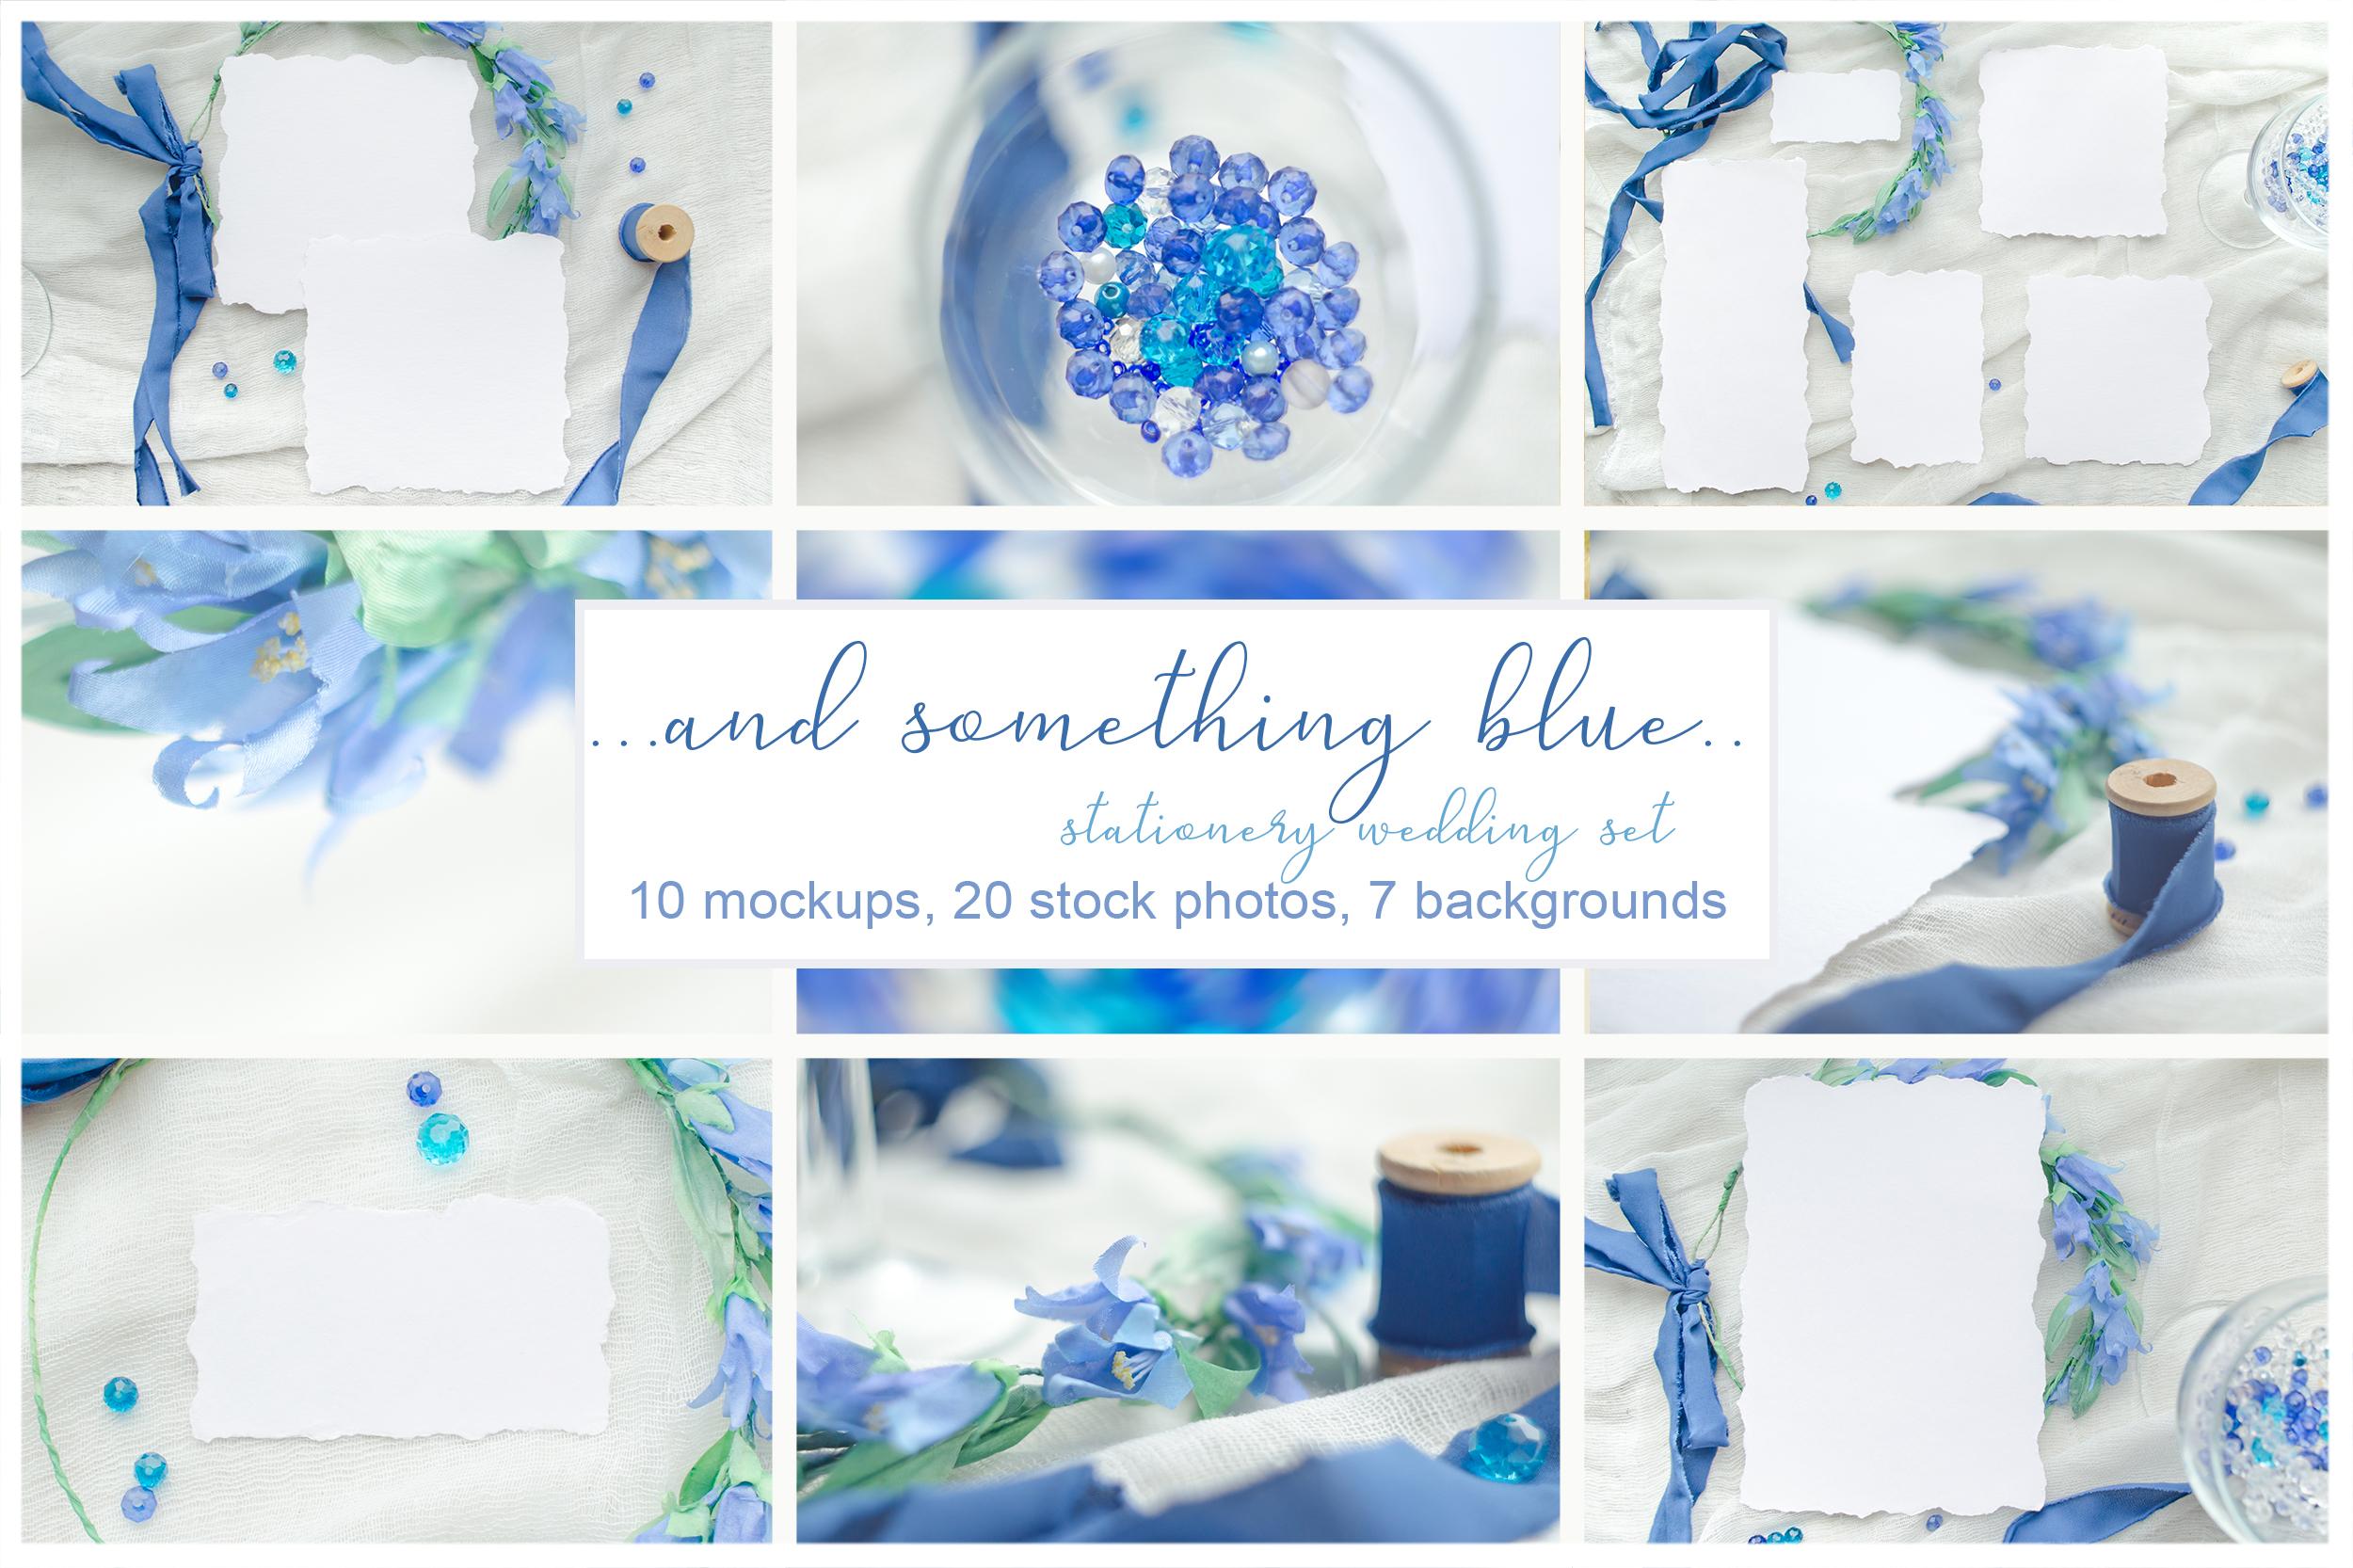 Something blue. Wedding mockups & stock photo bundle example image 1